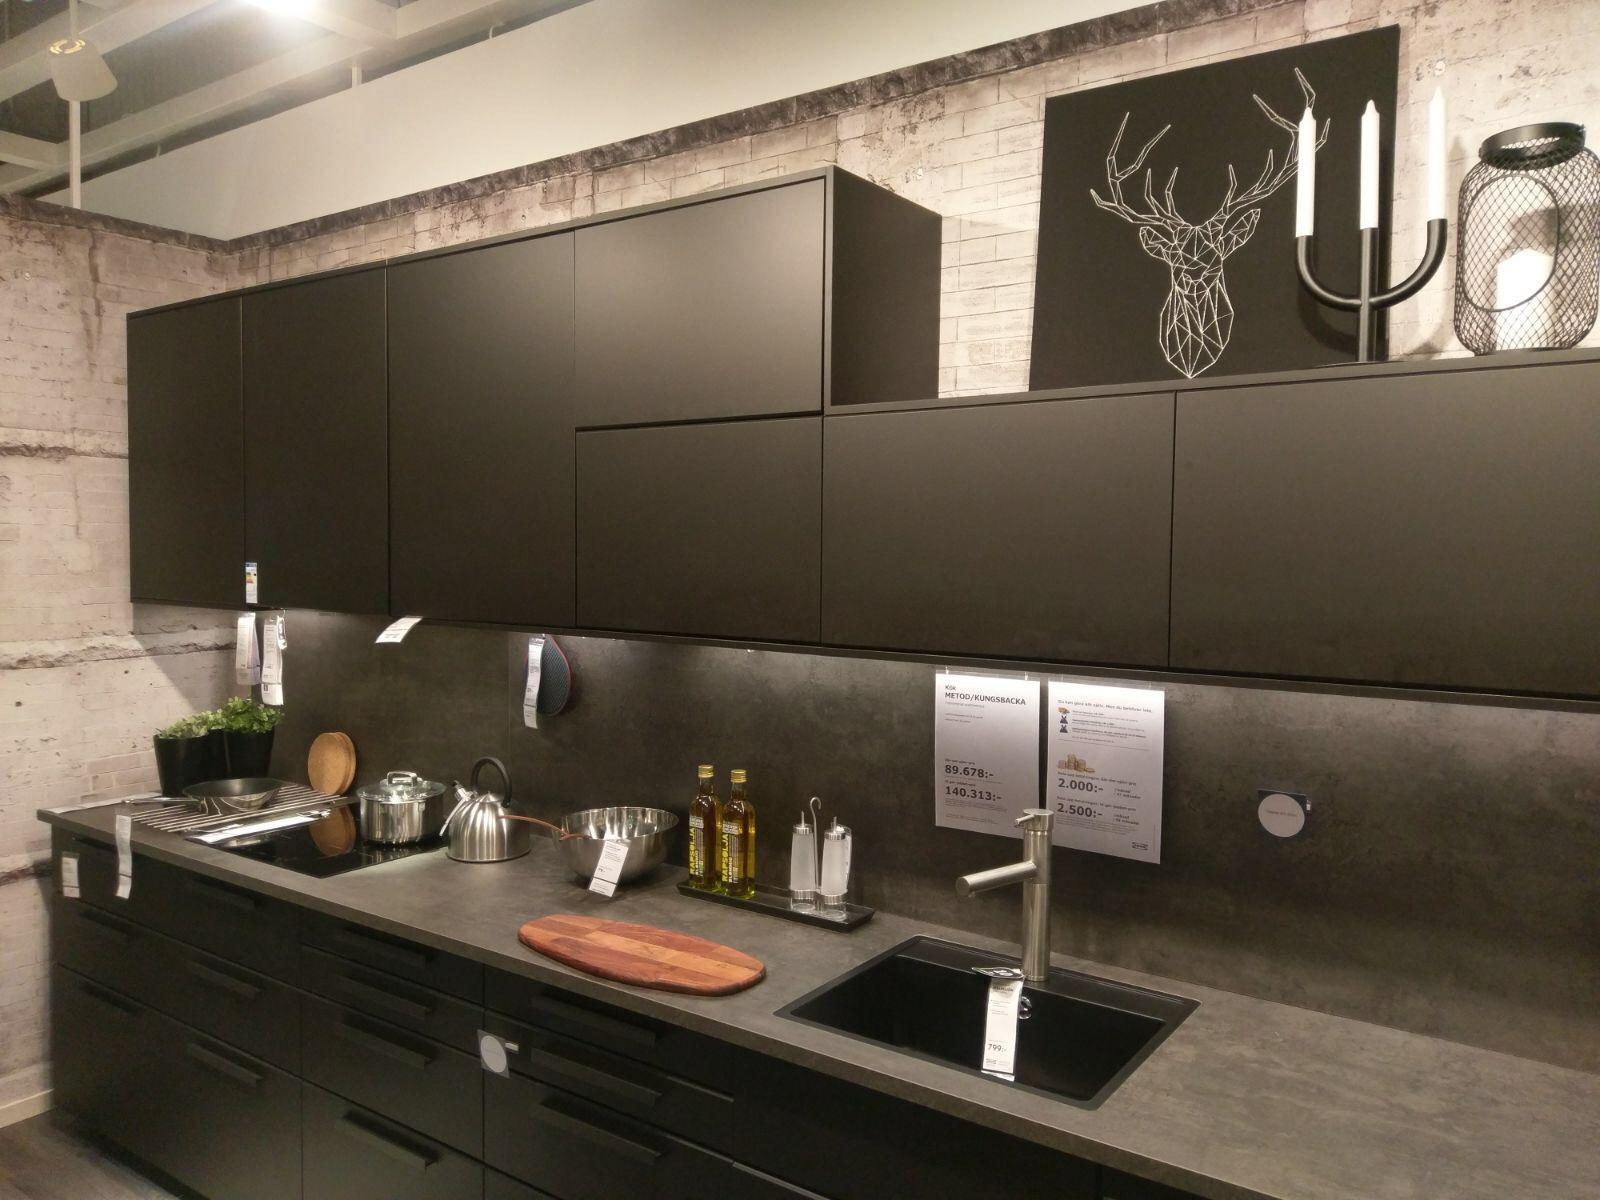 Ikea Küchenfronten Grau